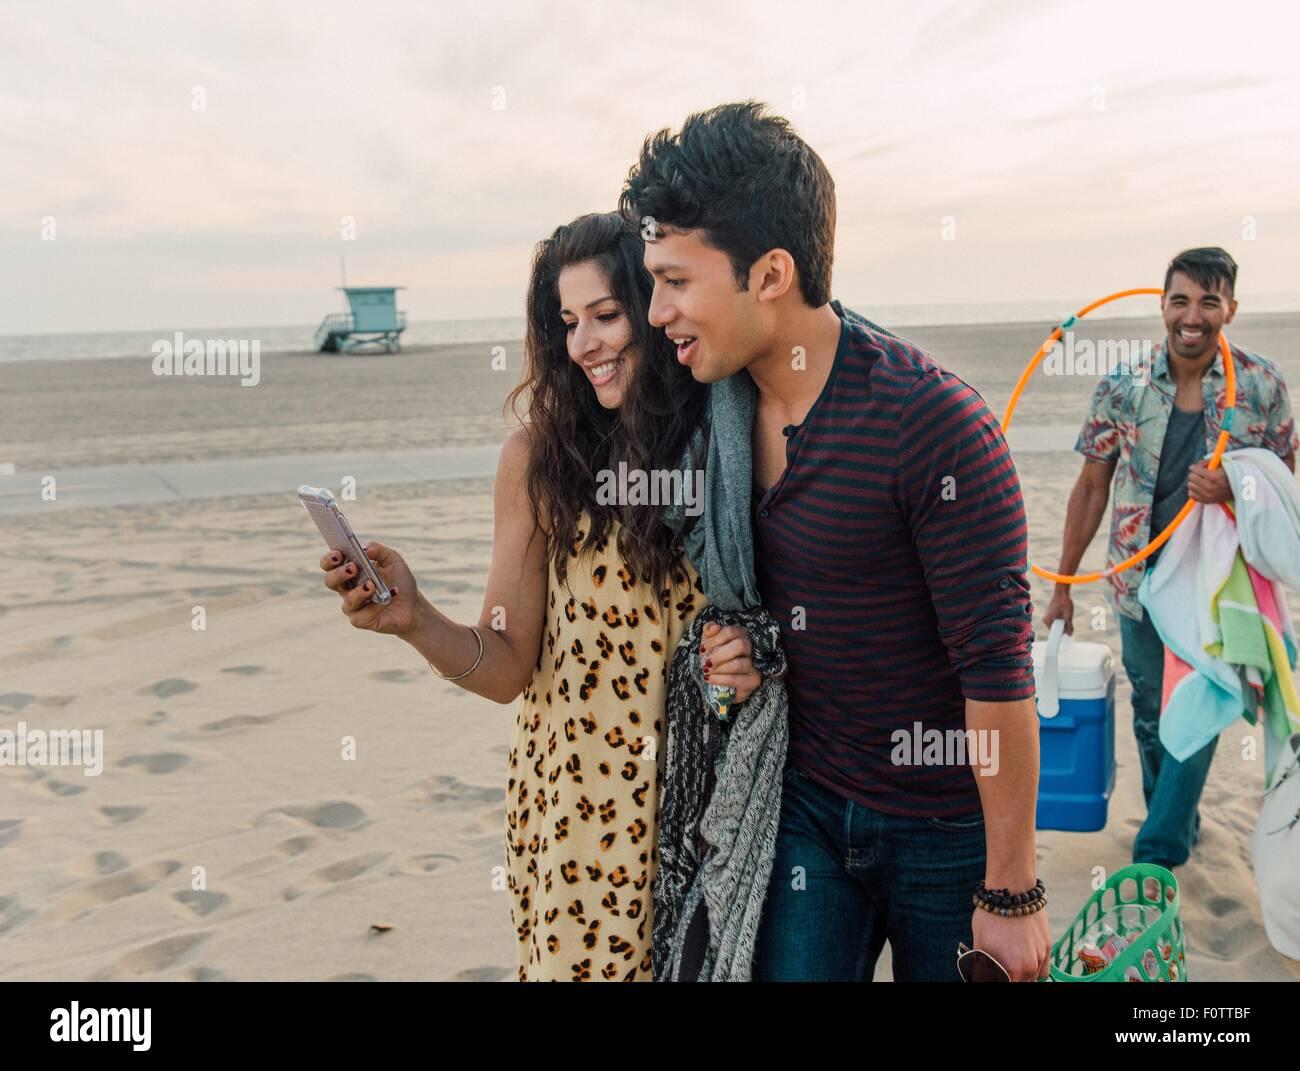 Gruppe von Freunden zu Fuß am Strand, junge Paar Smartphone betrachten Stockfoto